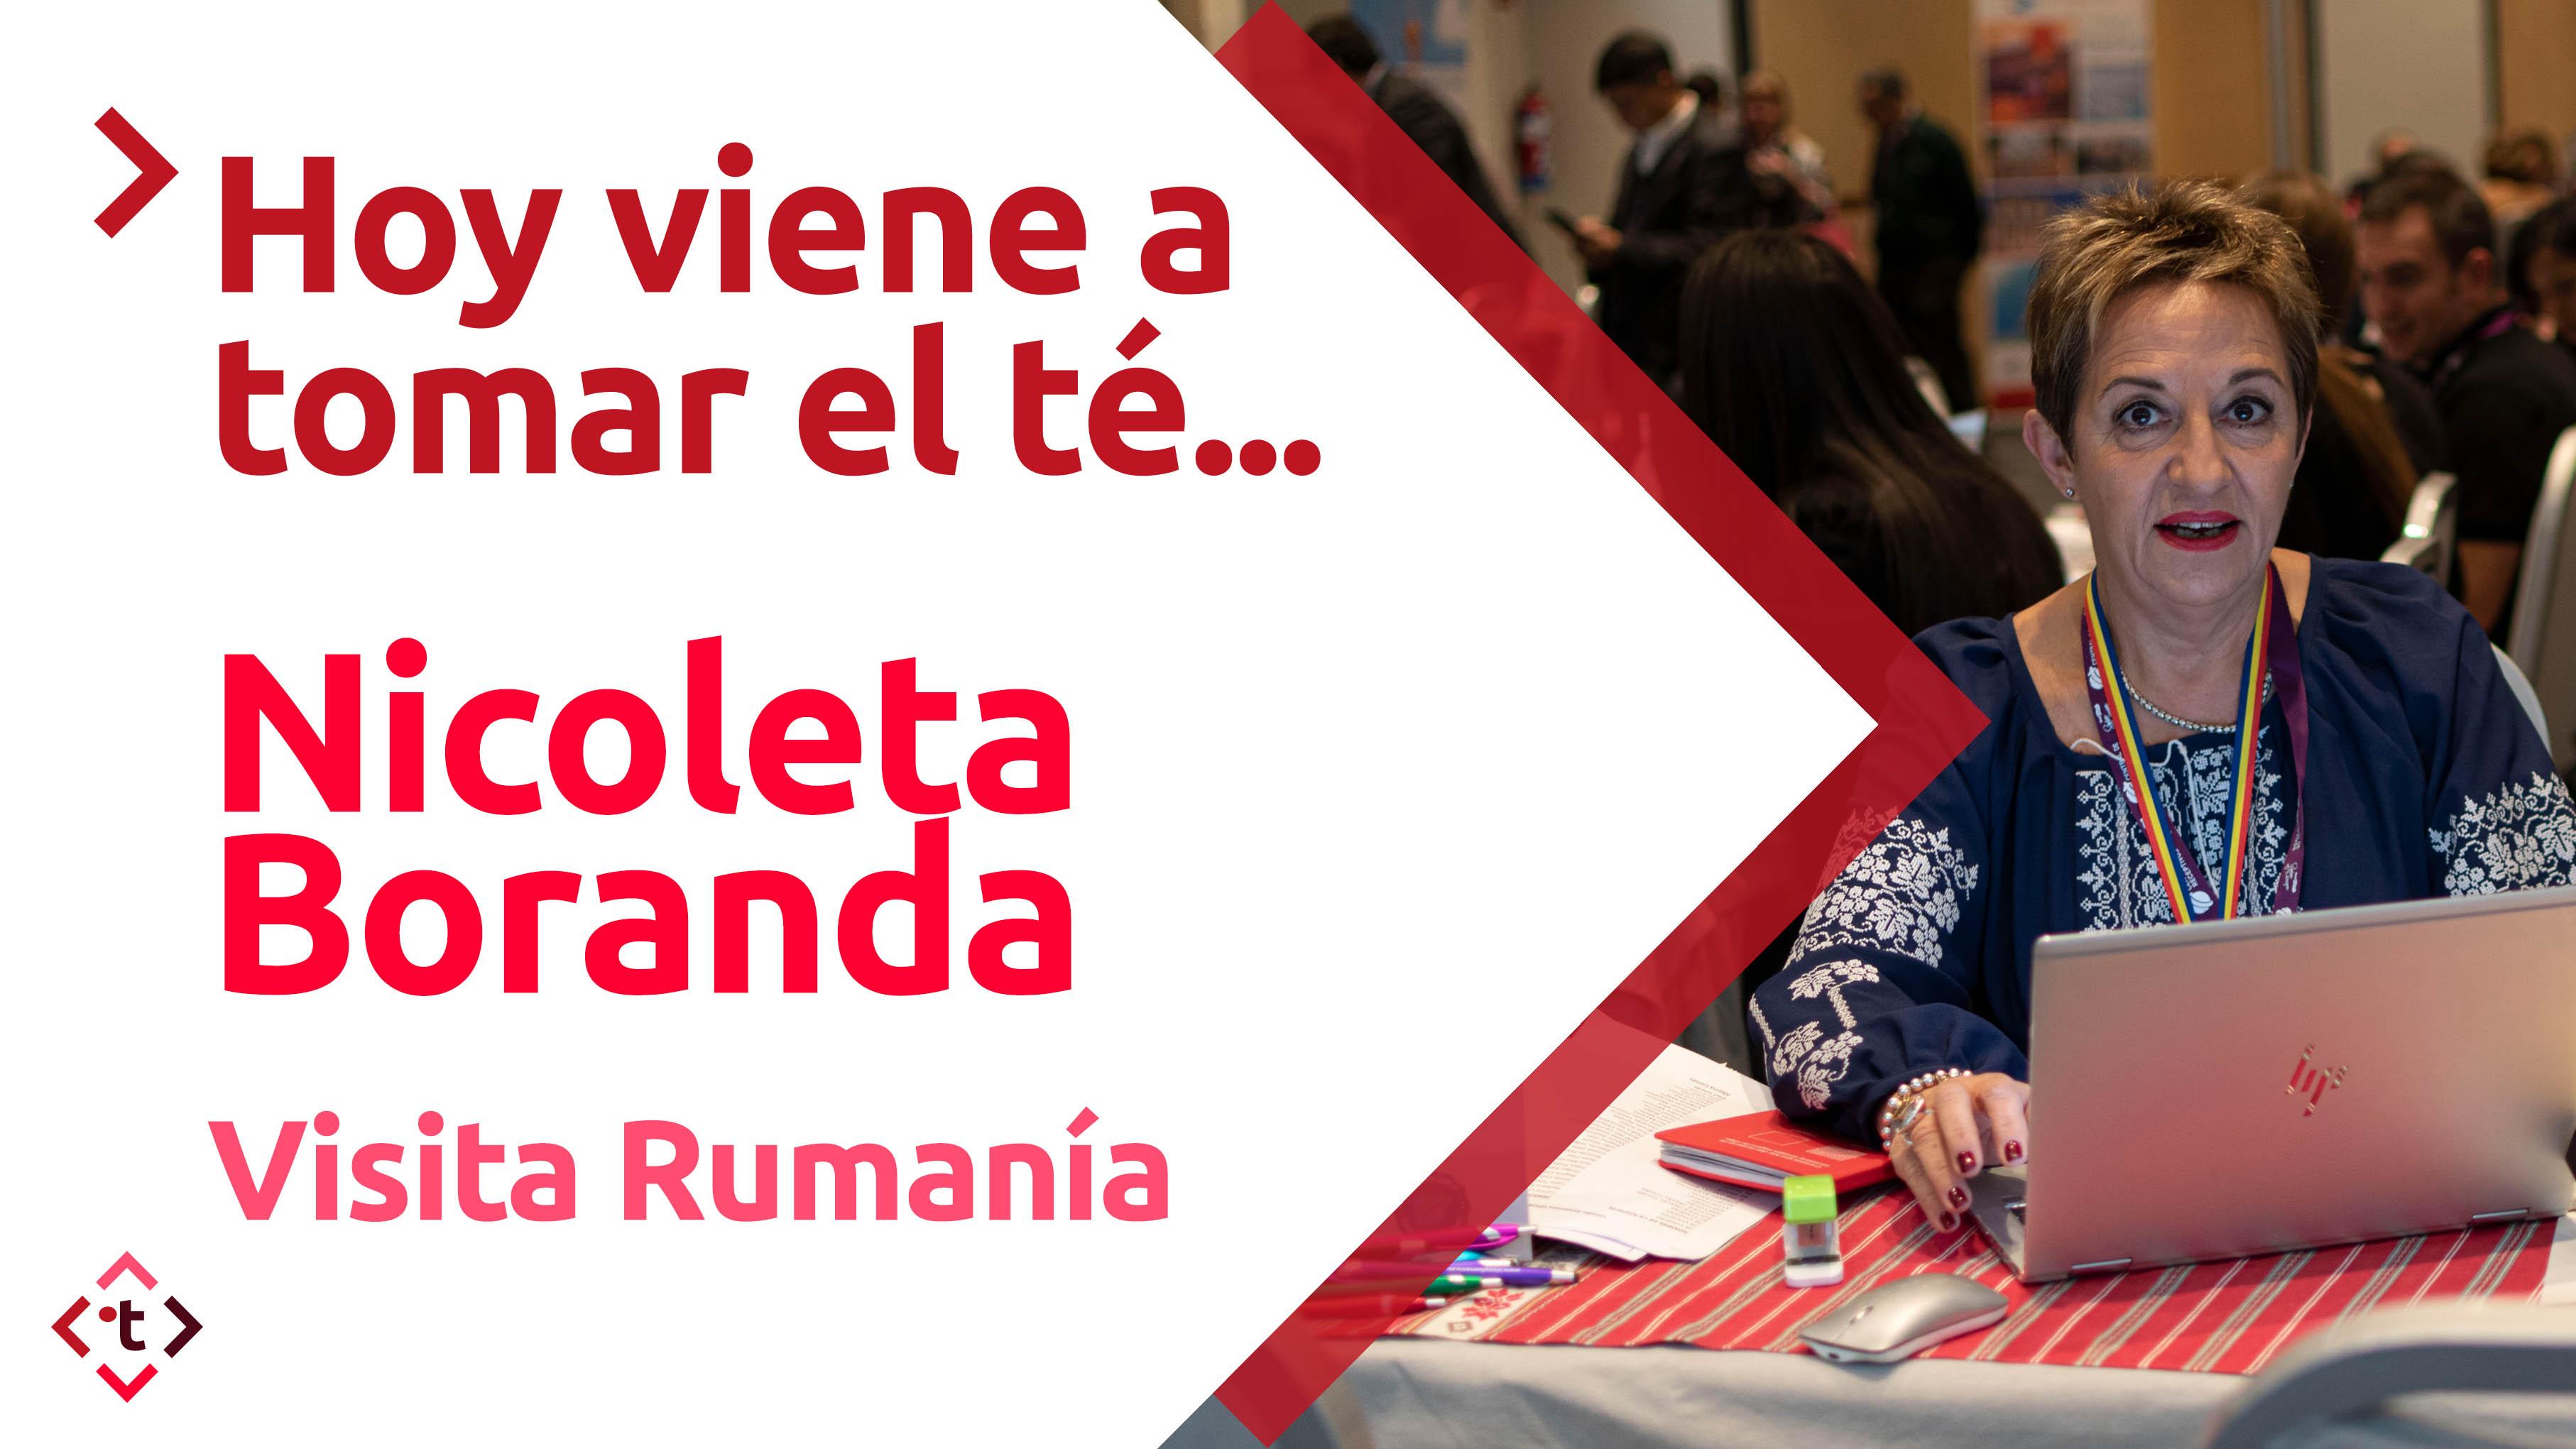 ·Nicoleta Boranda